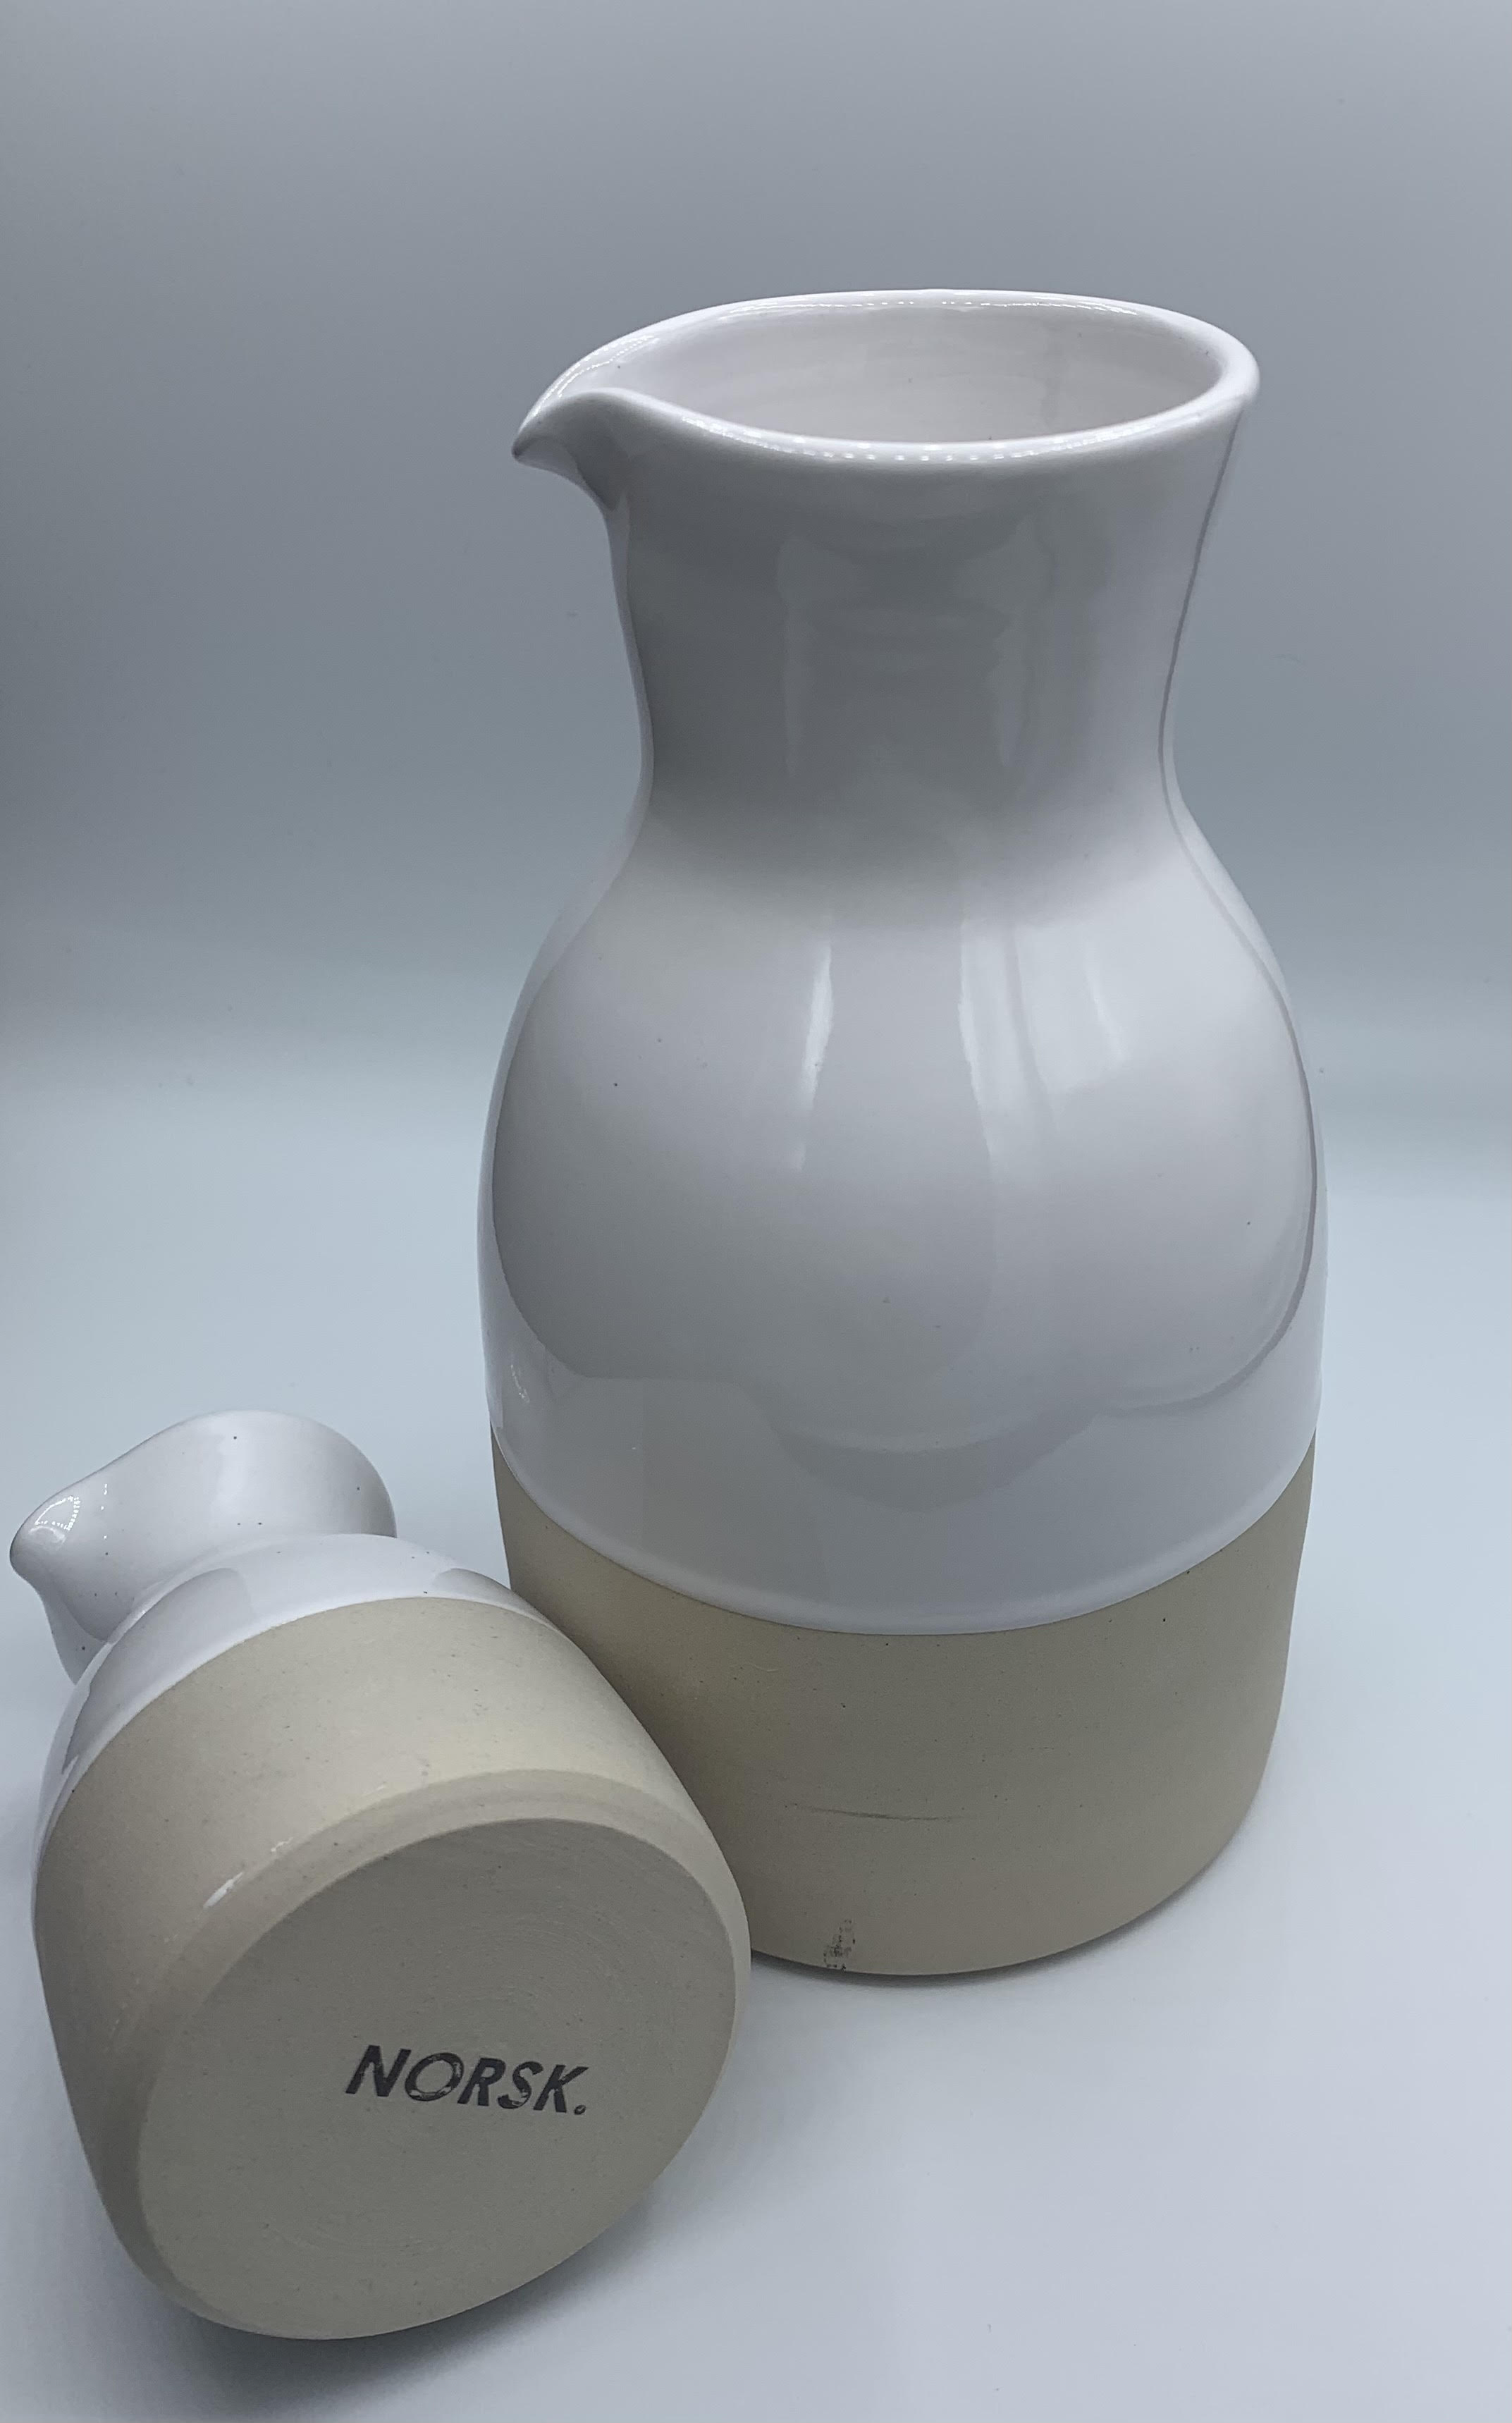 white ceramic norsk carafe